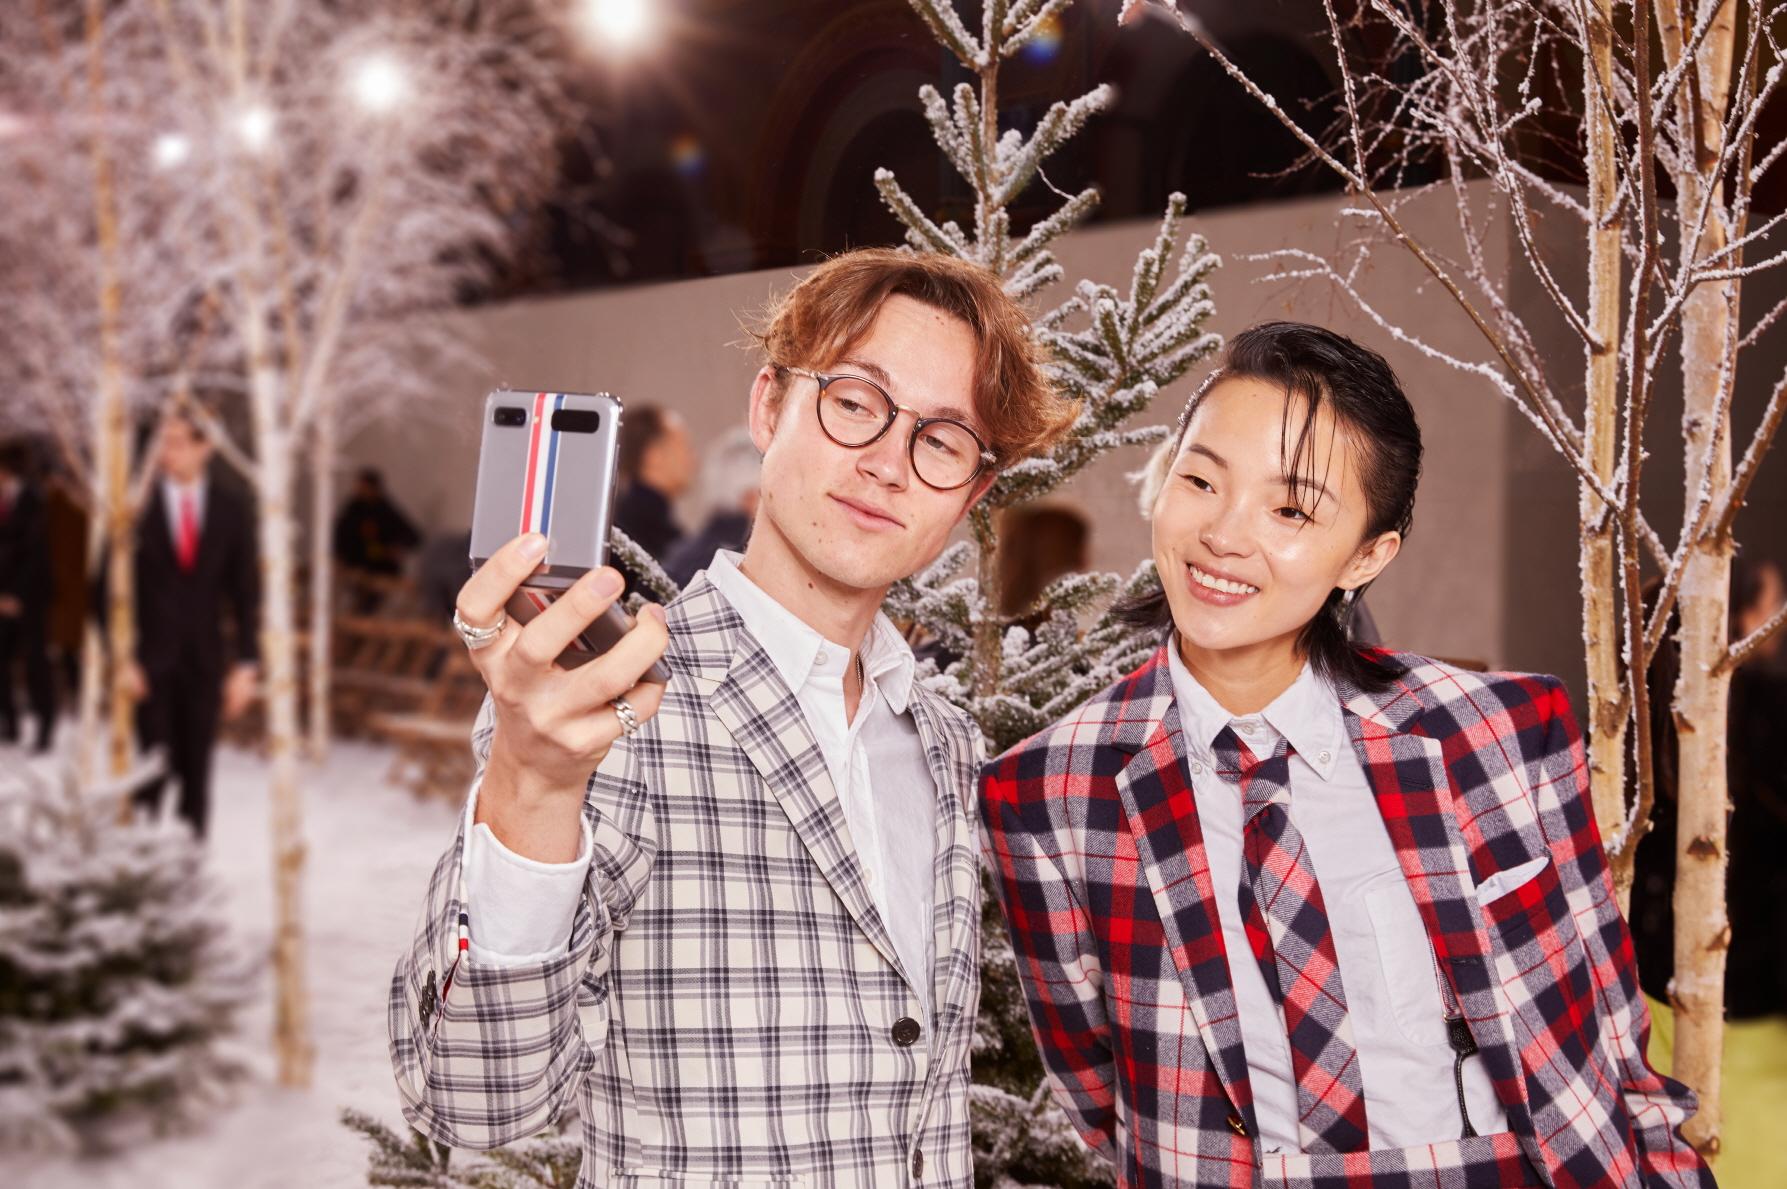 Đánh giá Galaxy Z Flip: Chiếc smartphone ấn tượng không dành cho đàn ông - Ảnh 13.